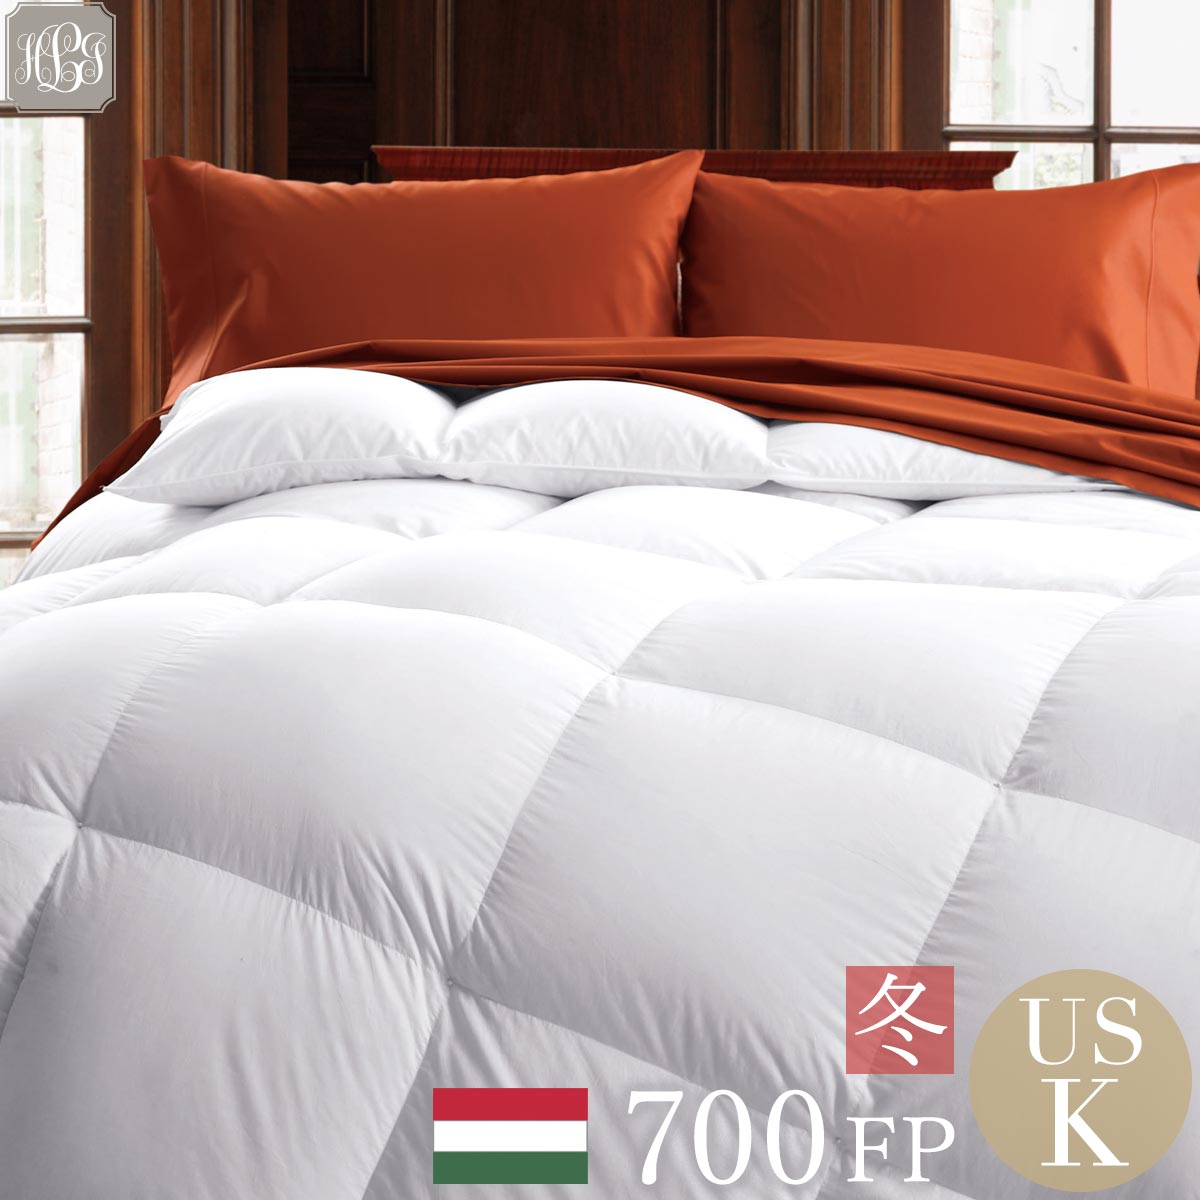 羽毛布団 USキング 270cm×235cm 冬用 700FPハンガリー産ホワイトグースダウン 高級ホテル 超長綿100 暖かい 軽い